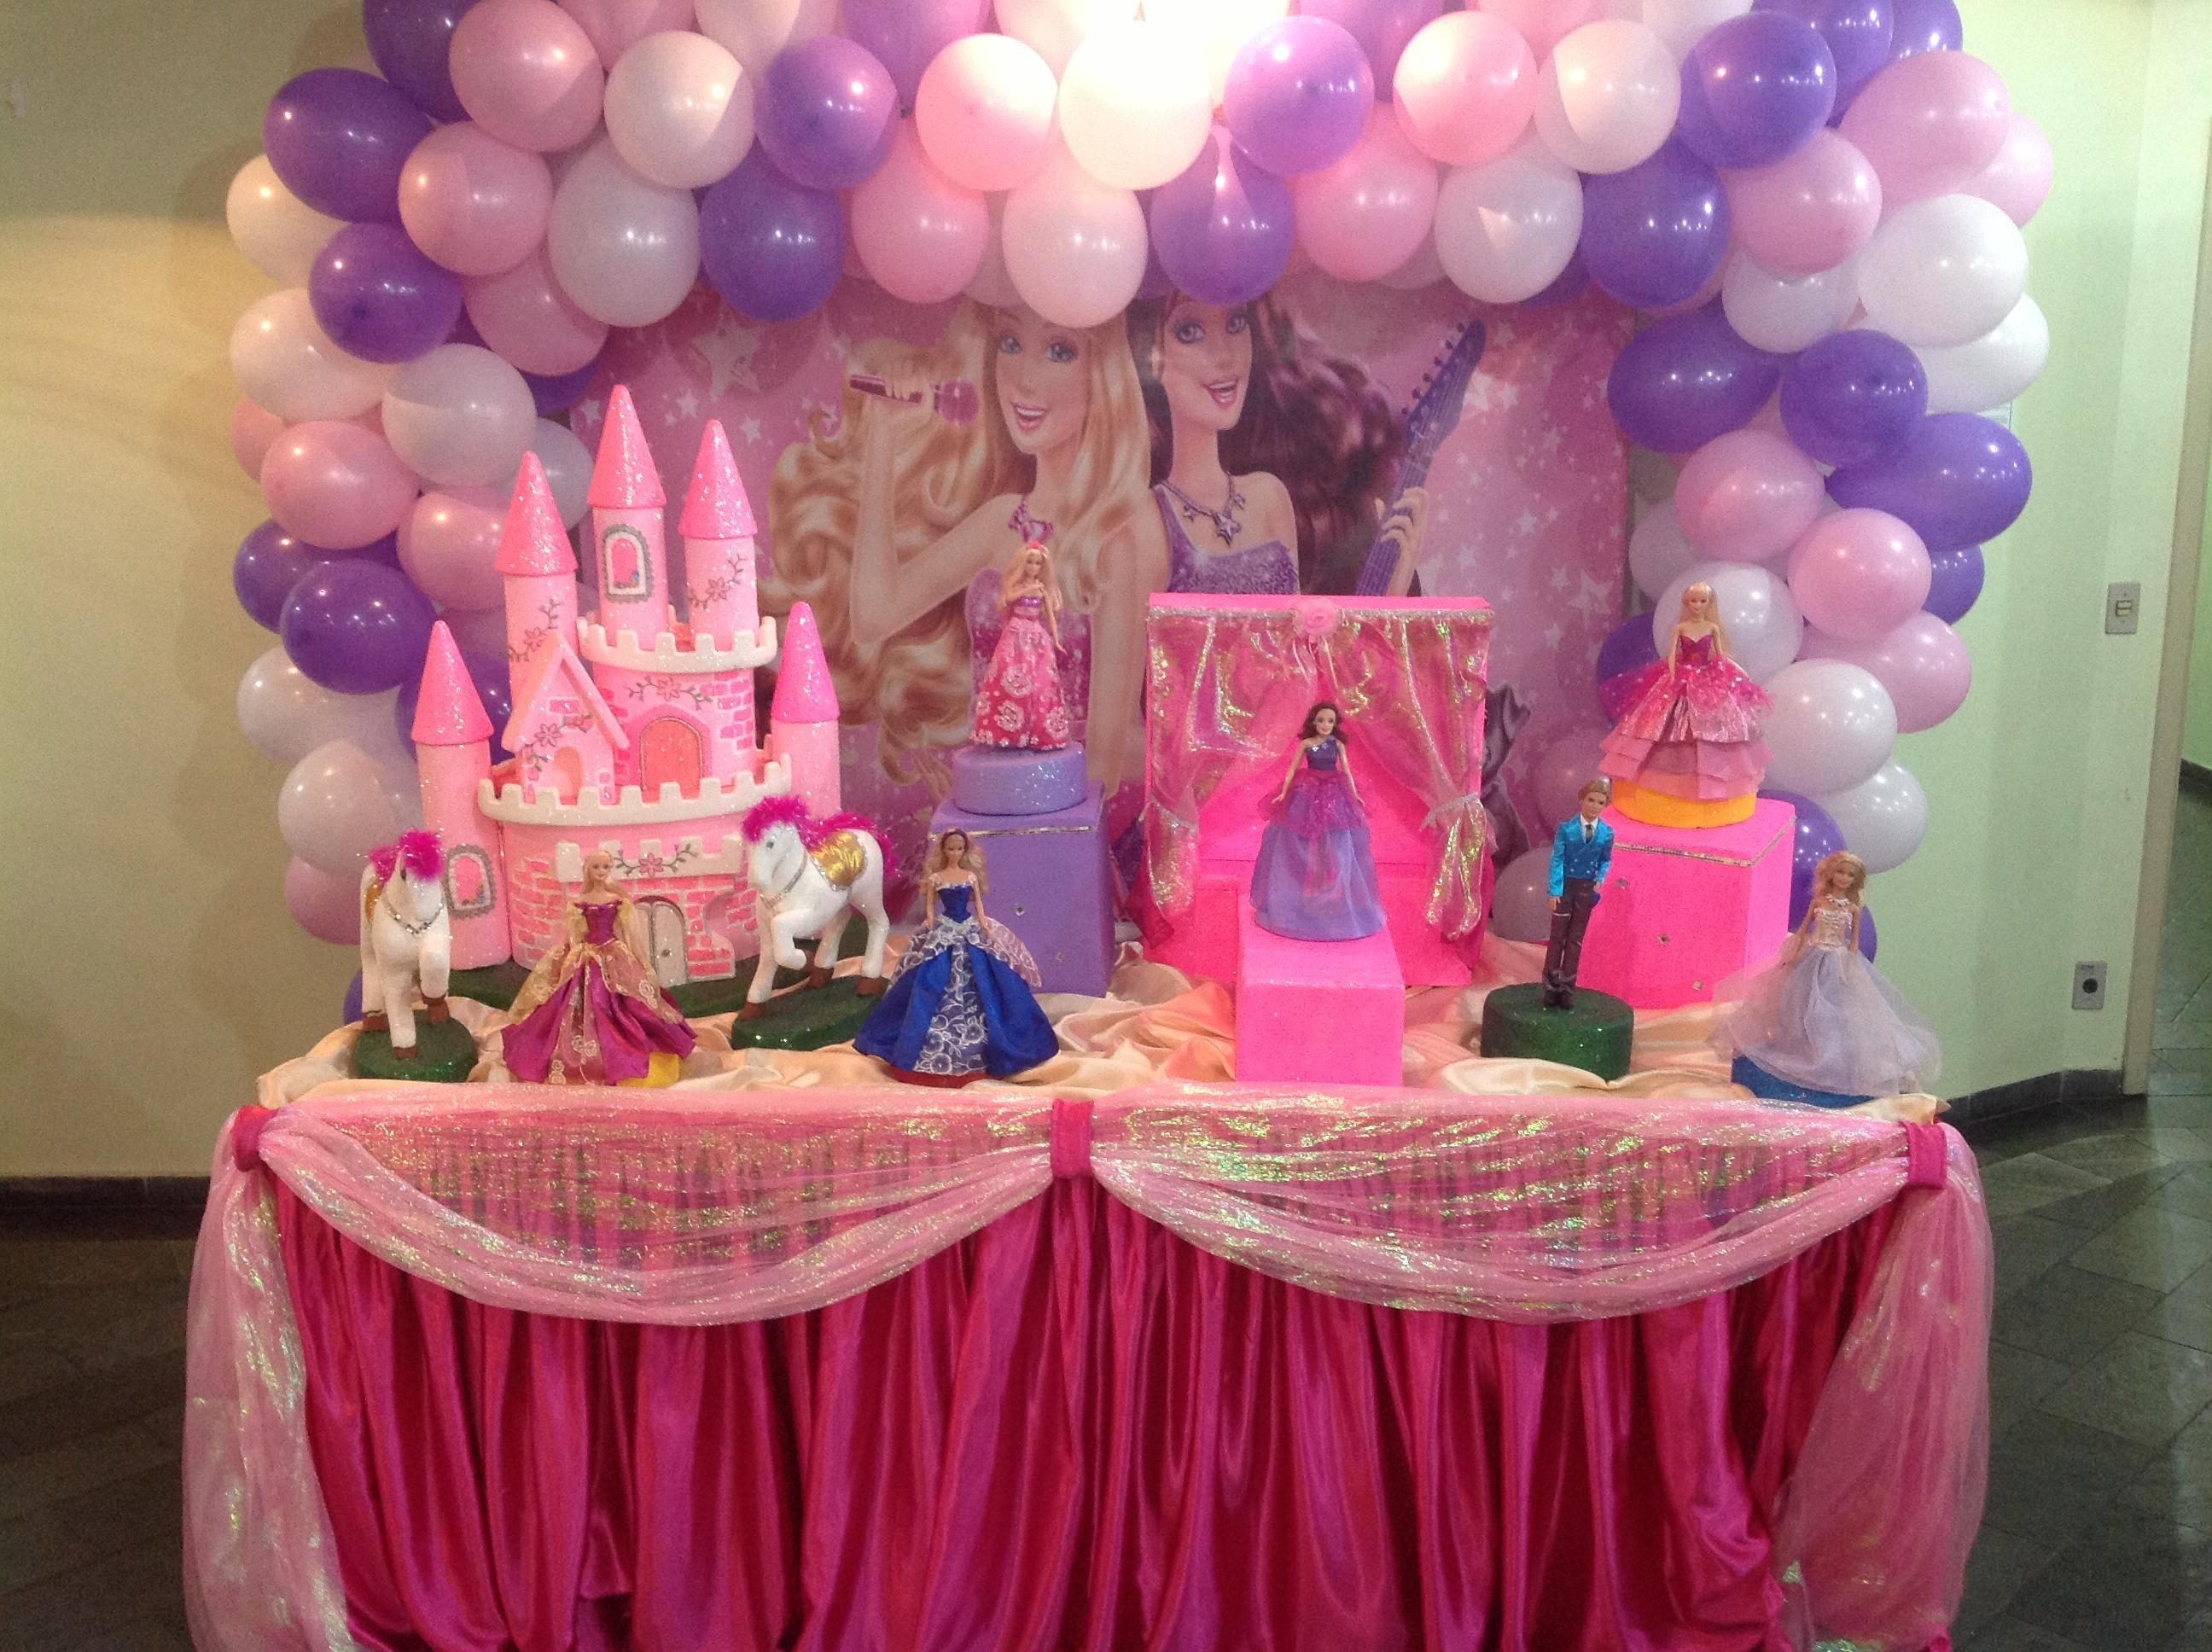 decoracao festa barbie : decoracao festa barbie: pop-star-decoracao-barbie decoracao-barbie-pop-star-decoracao-de-festa